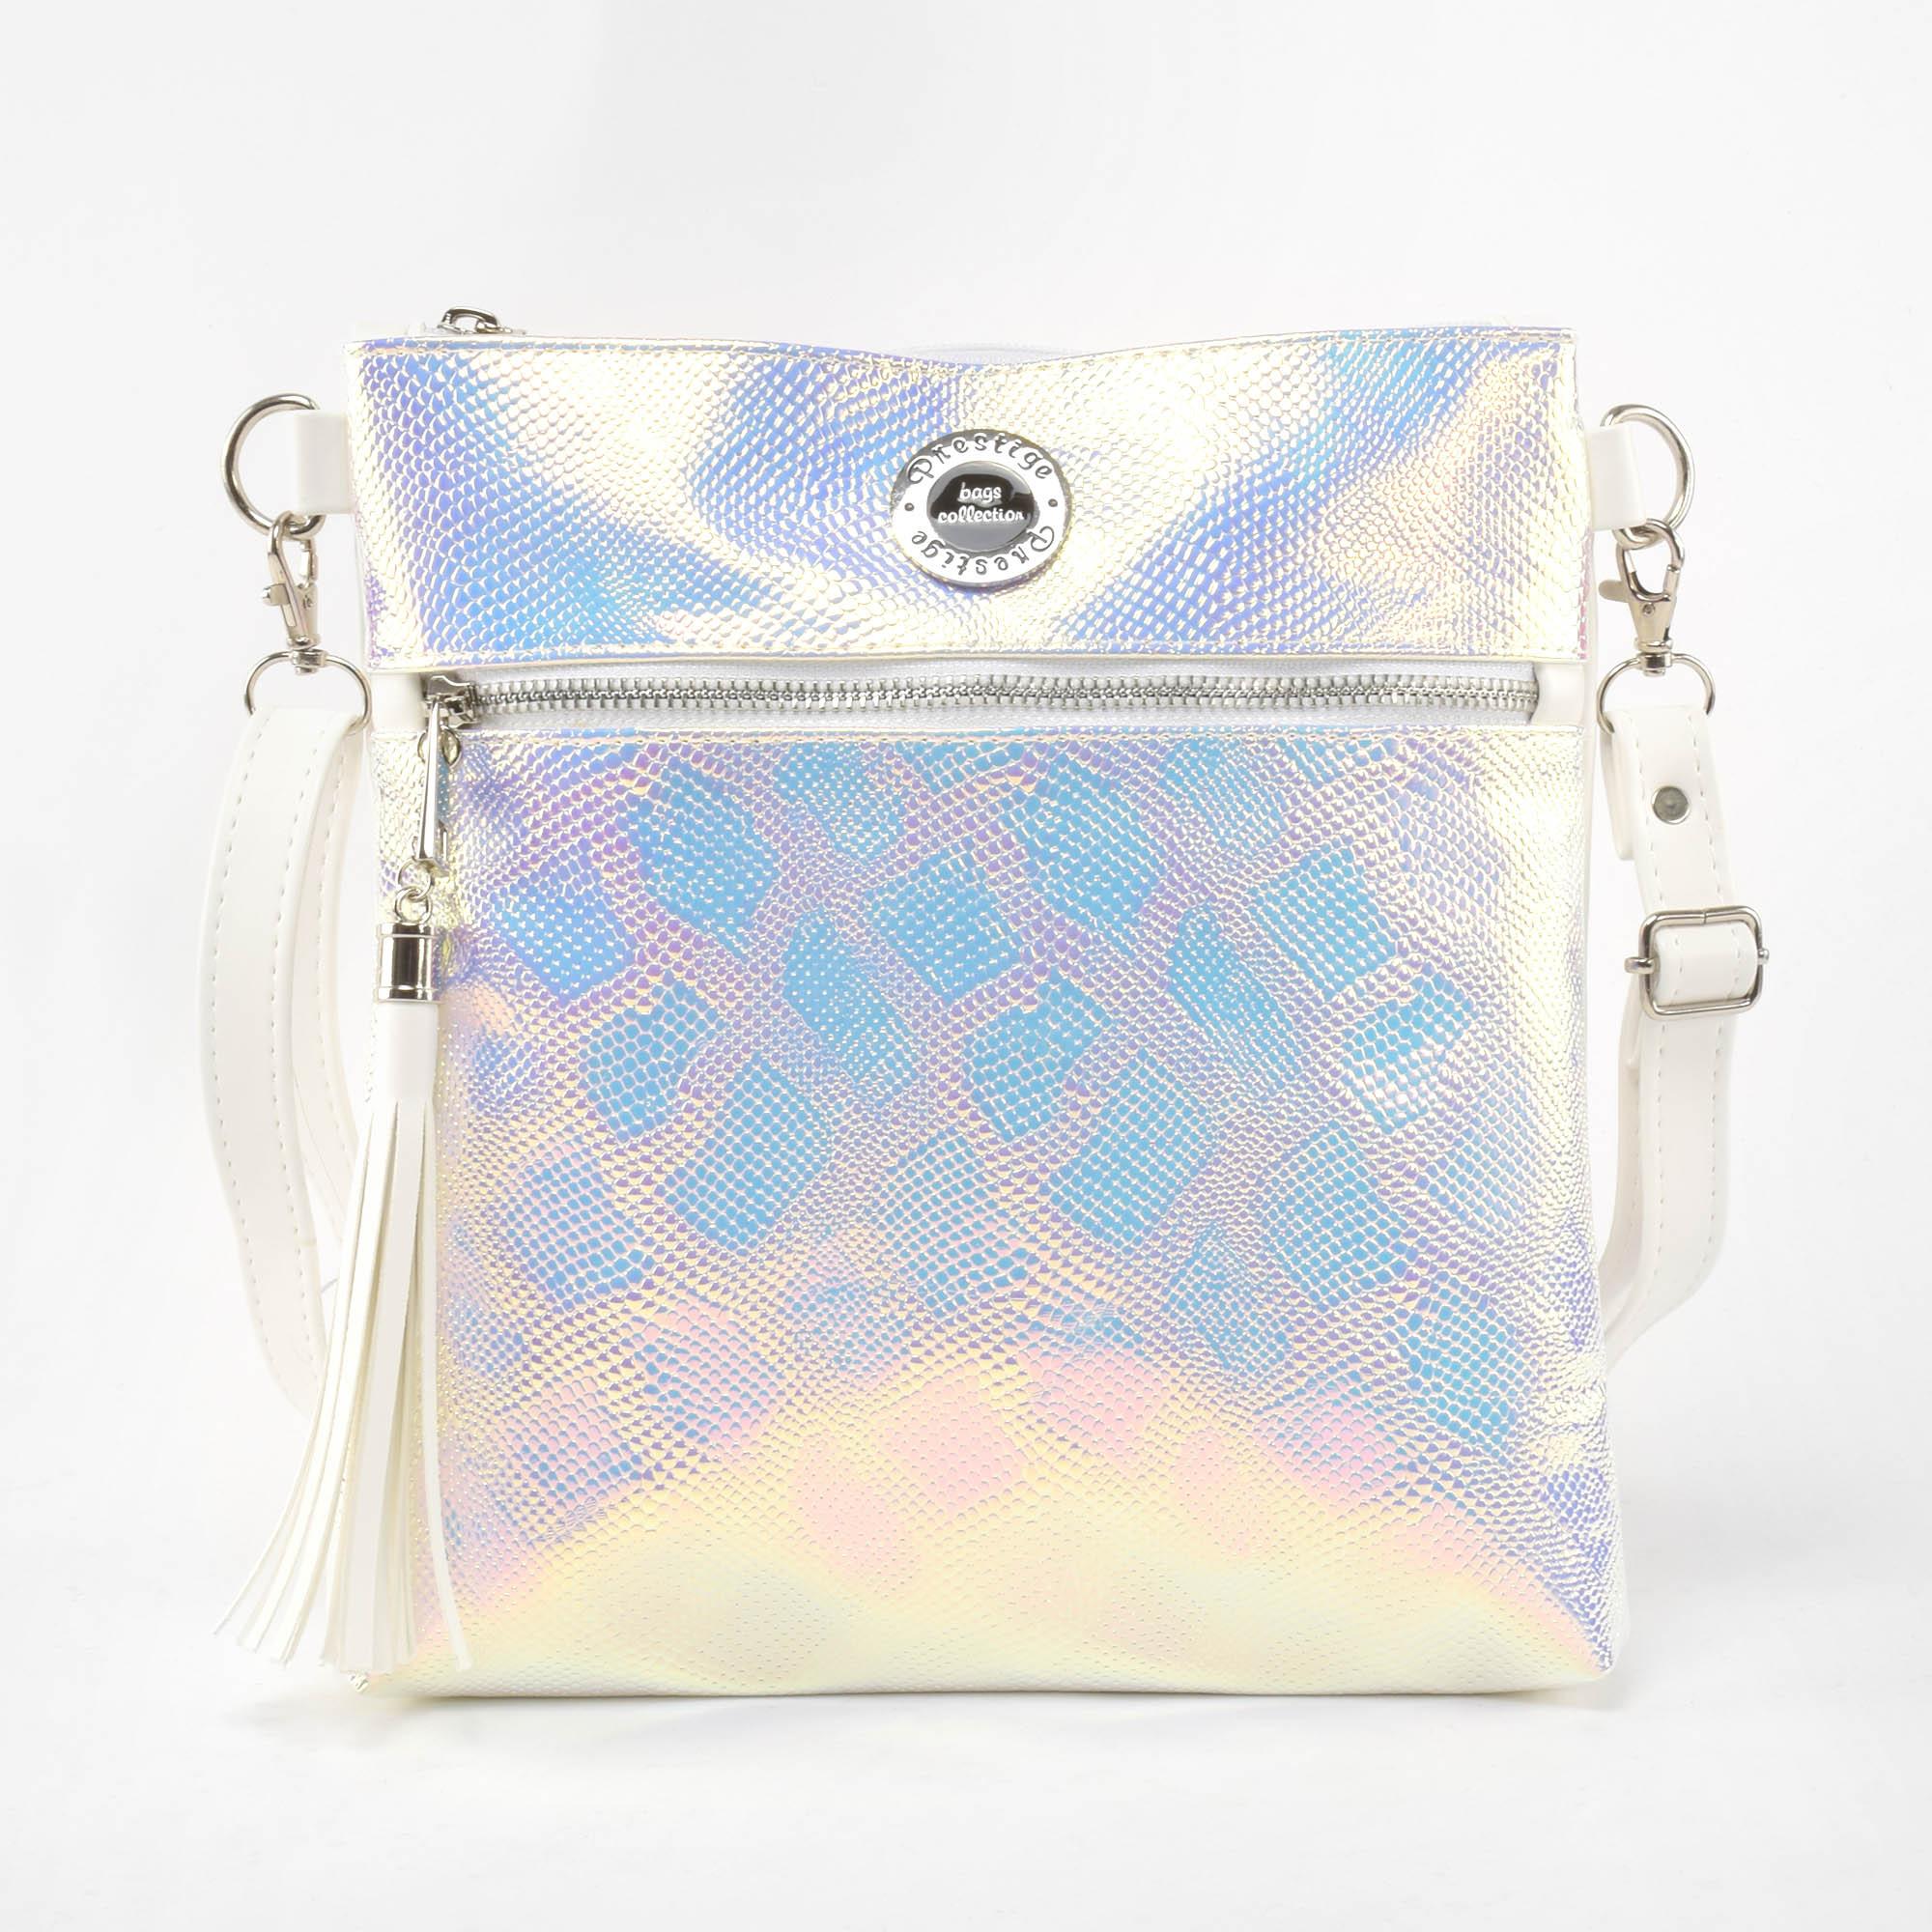 6dd044c04631 Prestige Női Fehér Kígyóbőr mintás Rostbőr Oldaltáska - Oldaltáskák - Táska  webáruház - Minőségi táskák mindenkinek